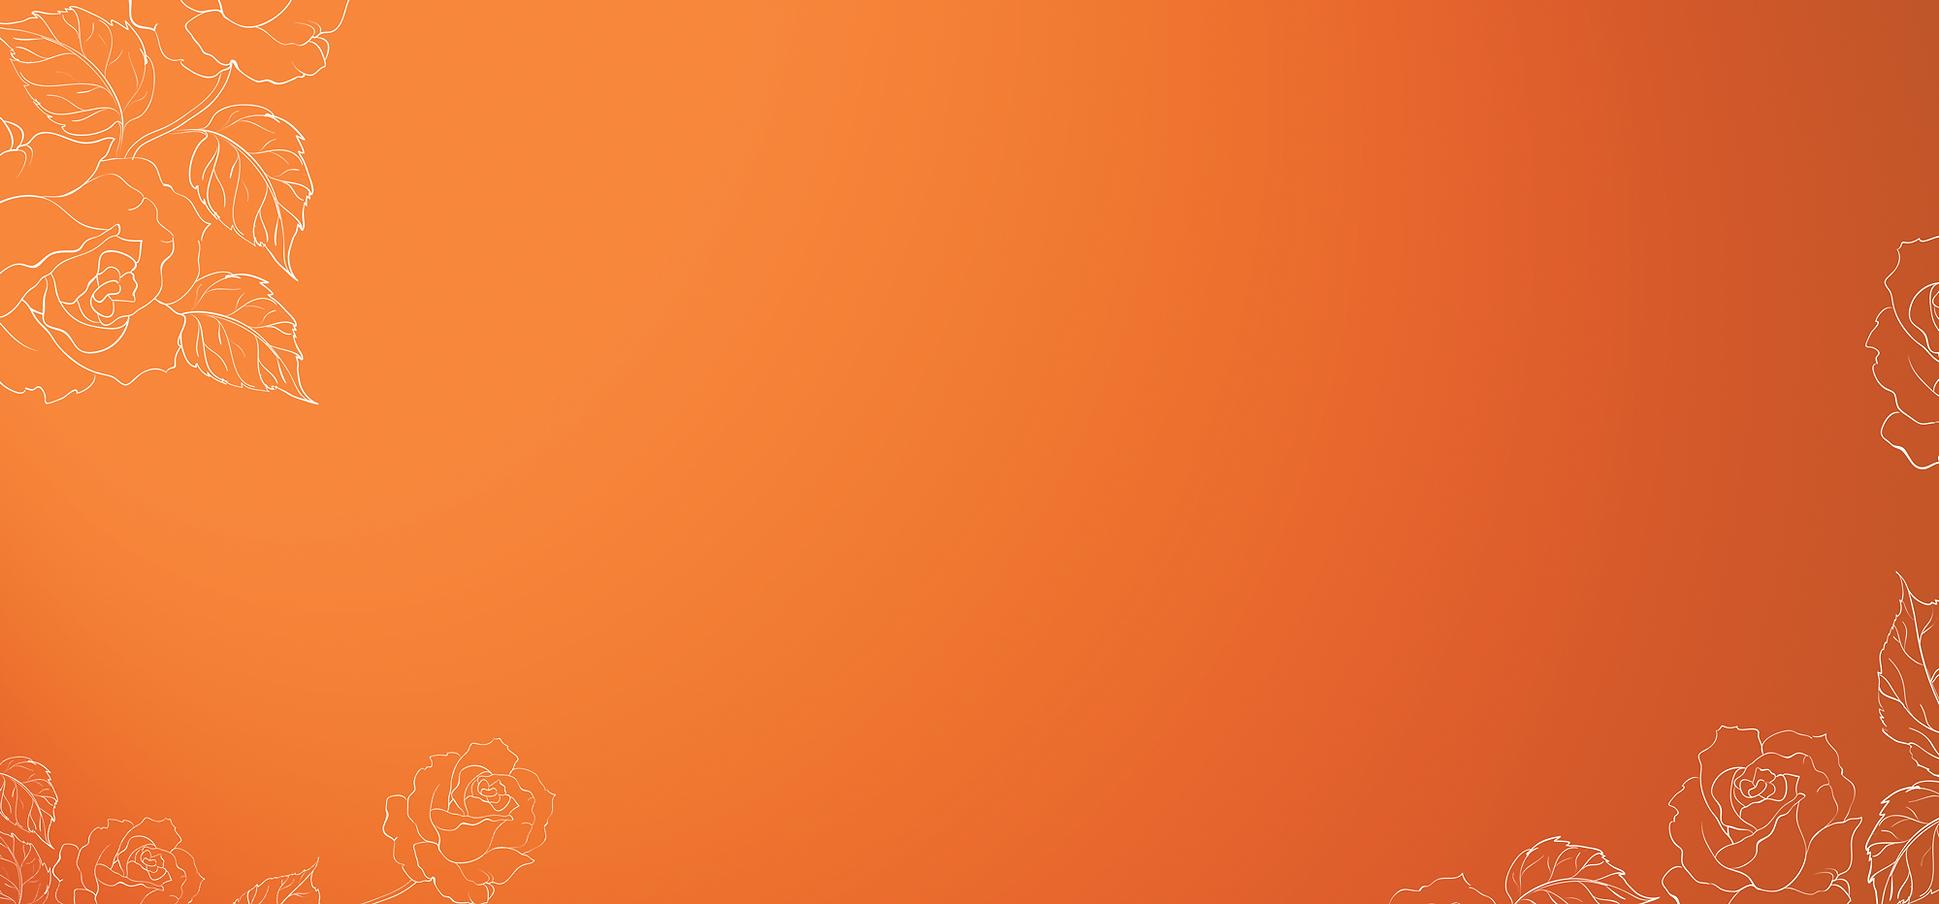 orange-background-for-website-opt2.png